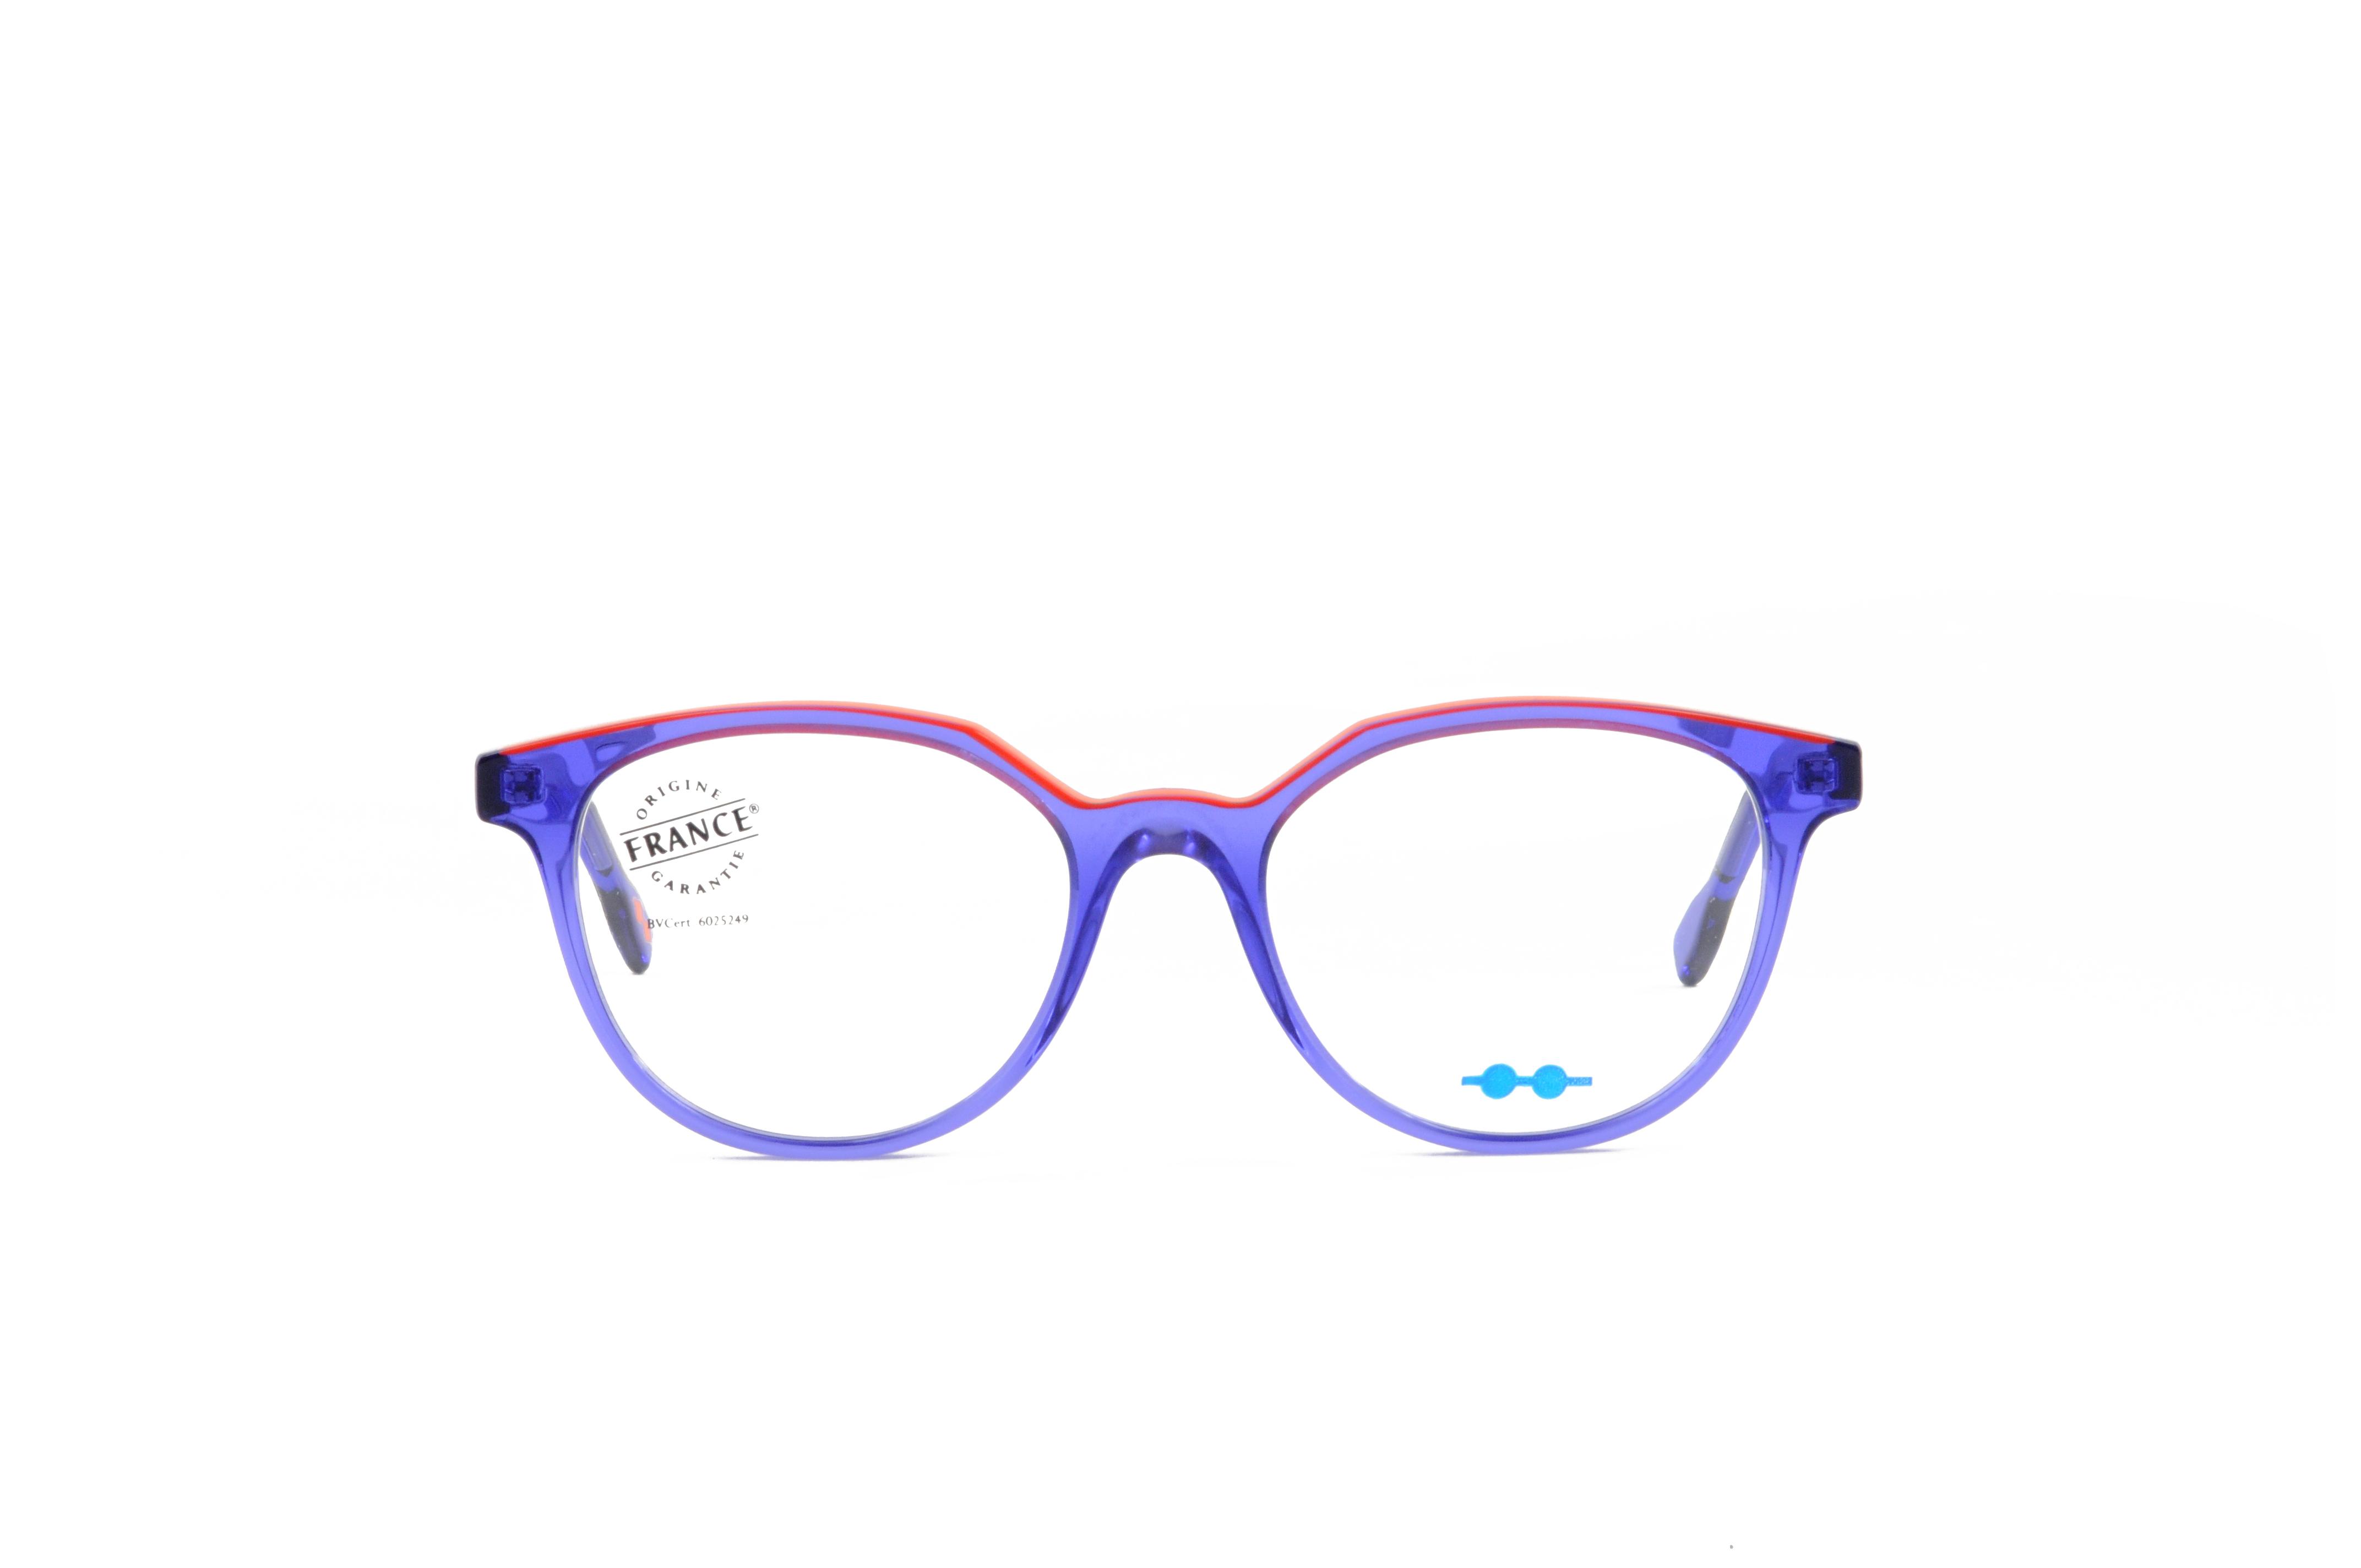 ... du fabricant   posséder pas moins de 5 collections, afin de proposer  des modèles allant du rétro masculin, au chic féminin, en passant par les  lunettes ... e603fa991f89